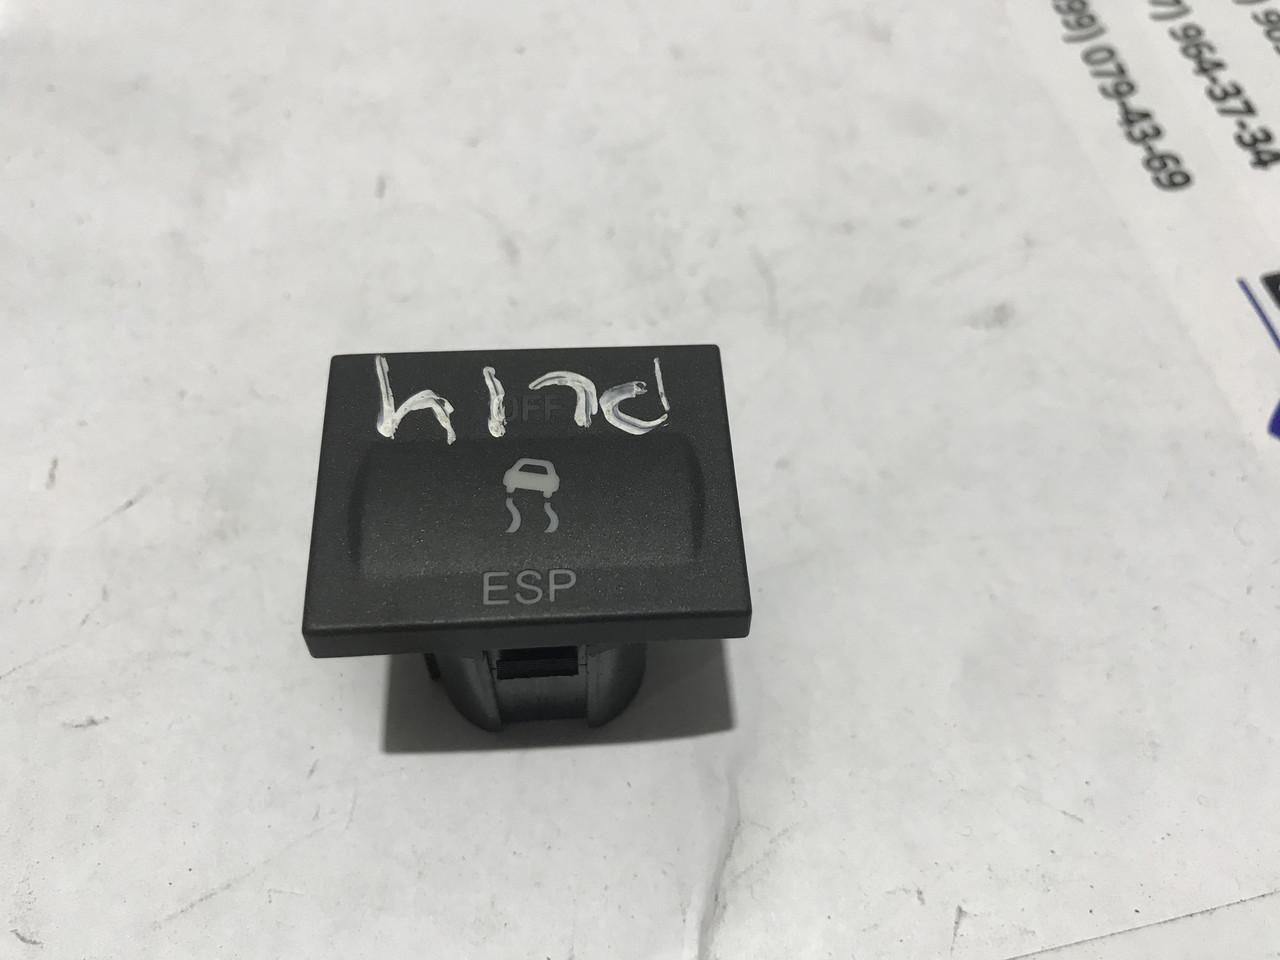 Кнопка ESP антипробуксовочной системы Ford Transit 2006-2014 3M5T-2C418-BE